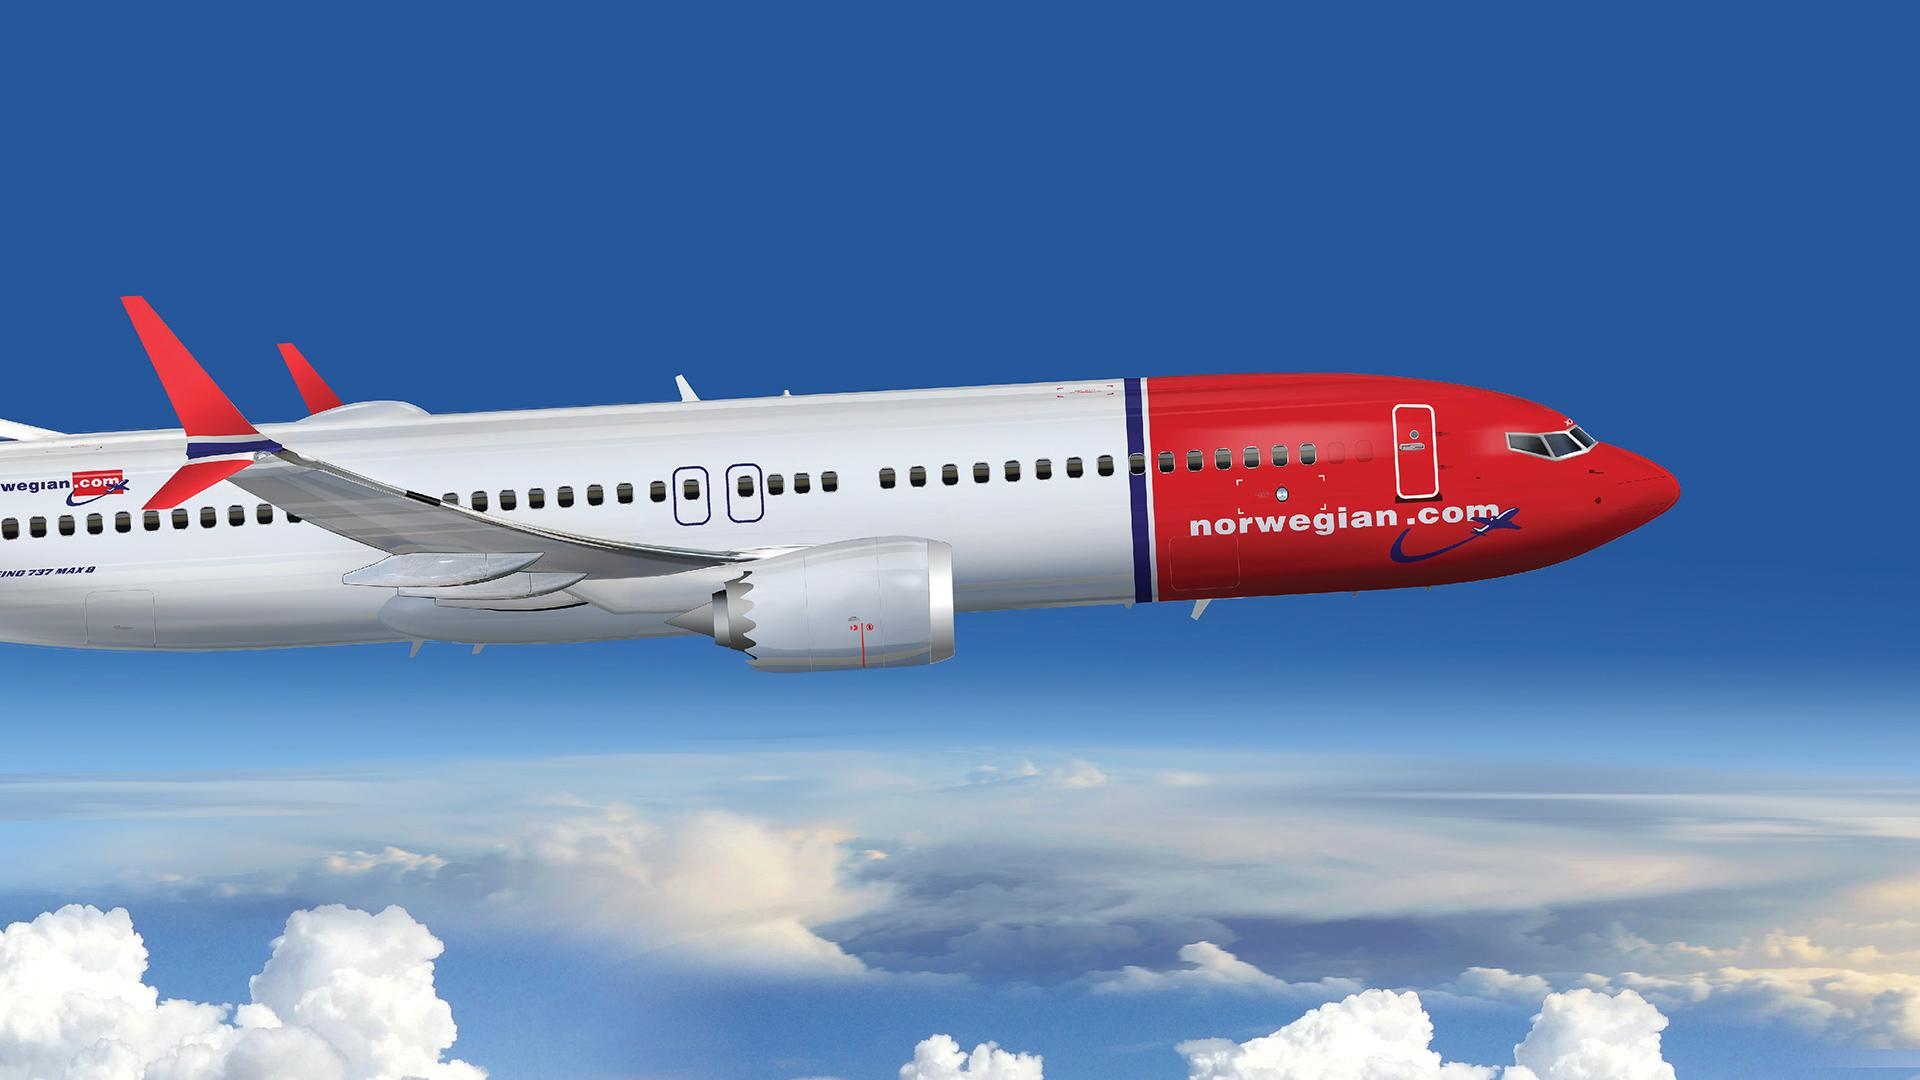 Se confirmó que la línea aérea low cost Norwegian volará desde Argentina